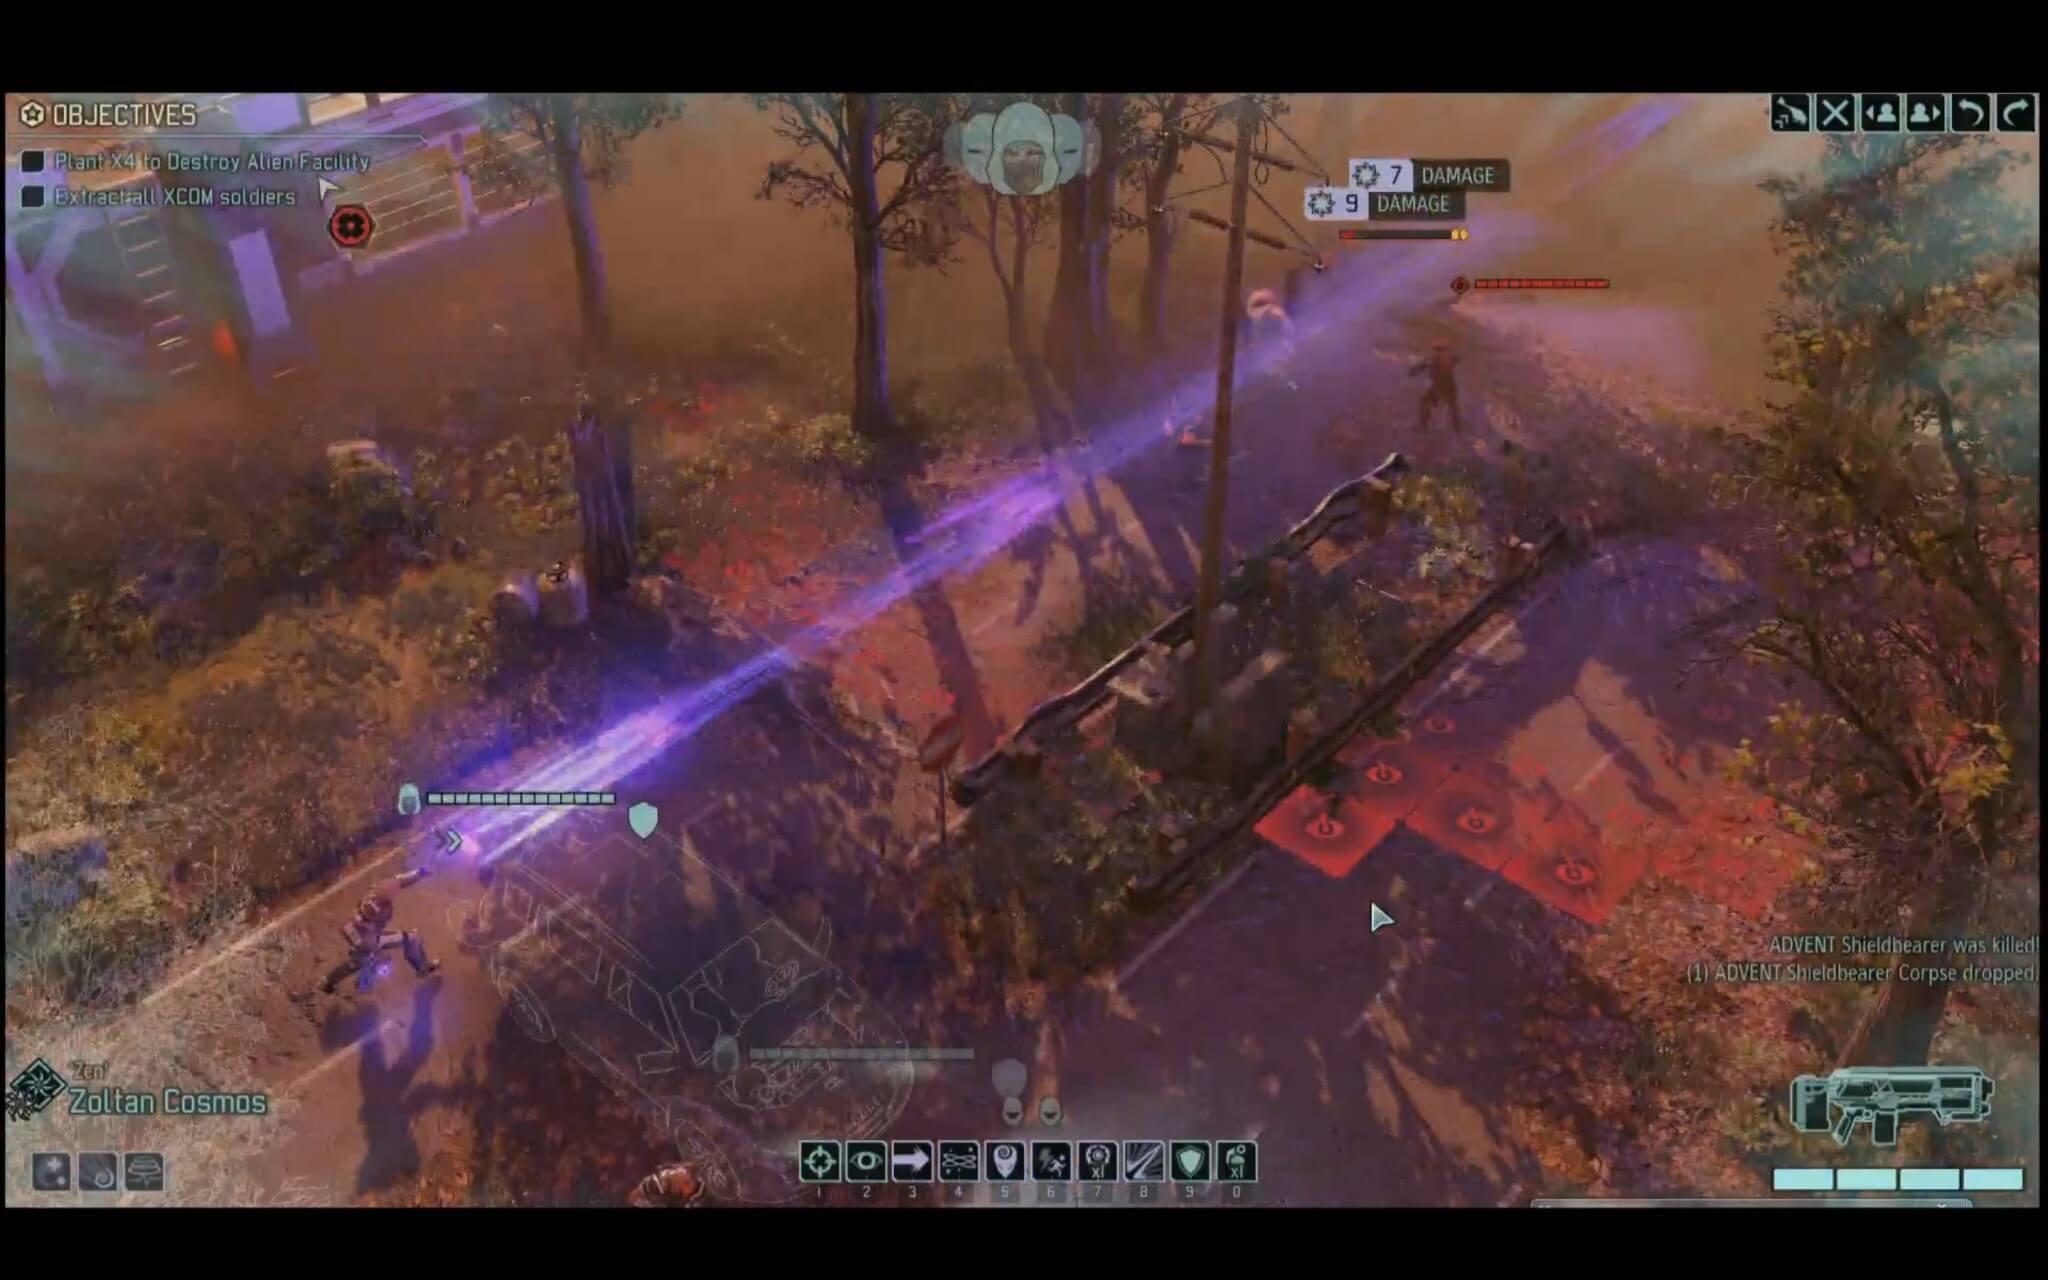 XCOM 2: Die Null Lance des PSI-Kämpfers schaltet Aliens aus, die aufgereiht stehen (Bildrechte: Firaxis)